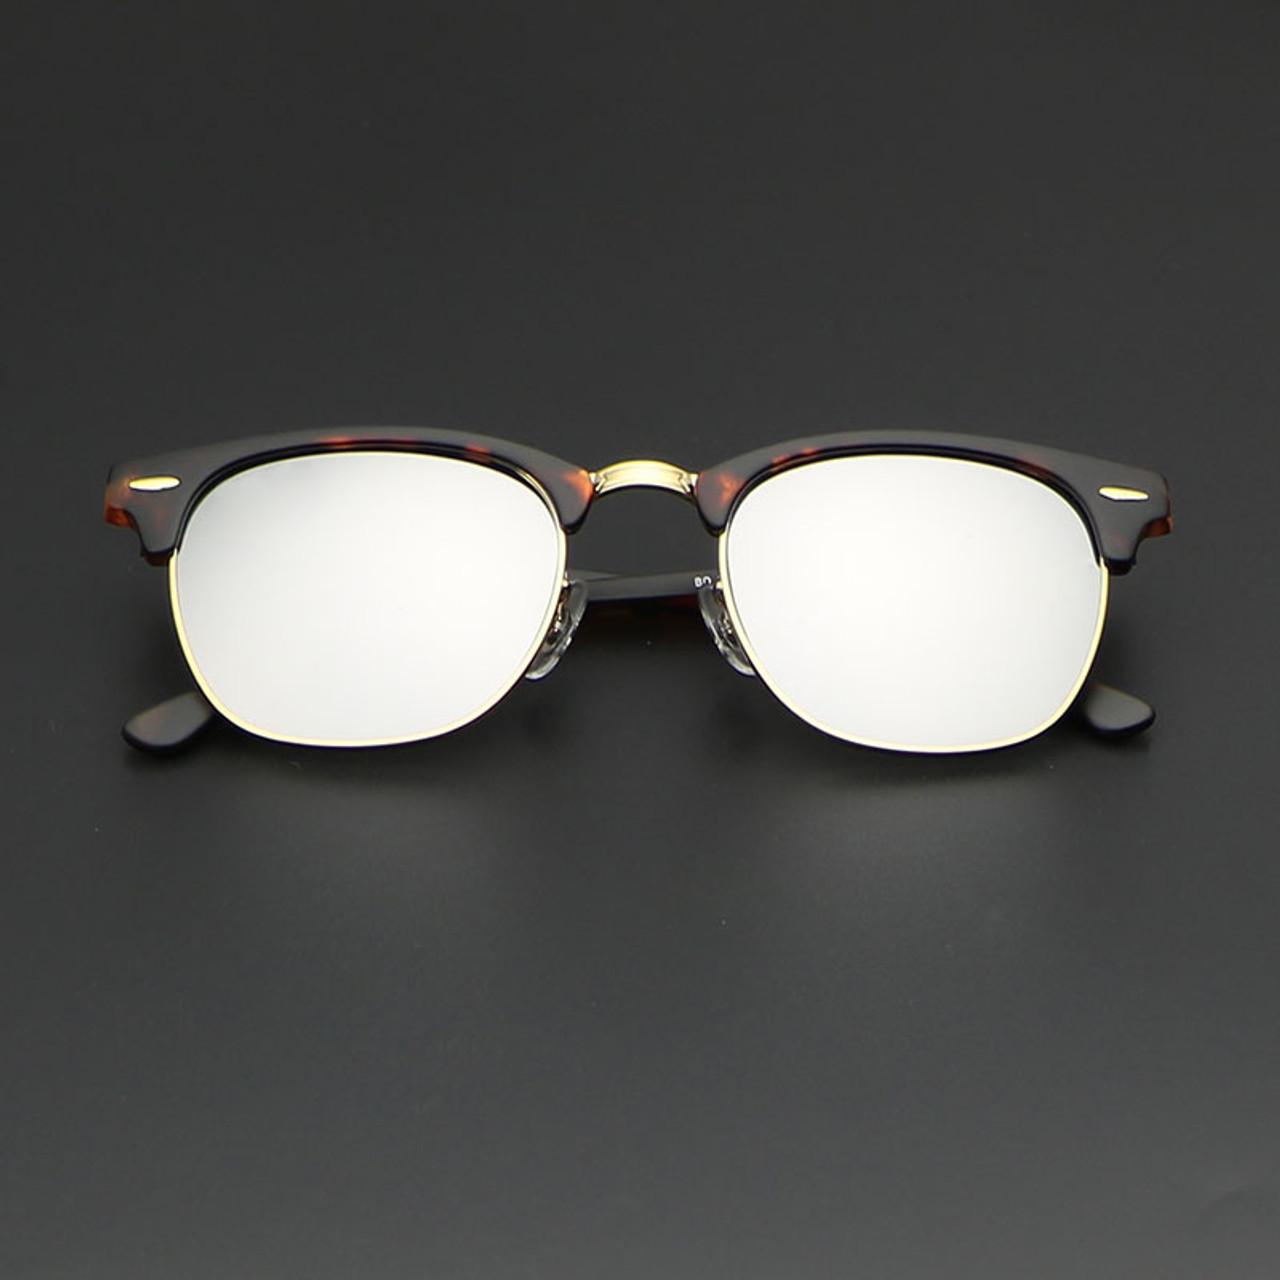 210ab9ca97d0 ... Bruno Dunn Vintage Sunglasses Men Women 2018 Brand Designer Sun Glasses  for male Female Gafas Oculos ...